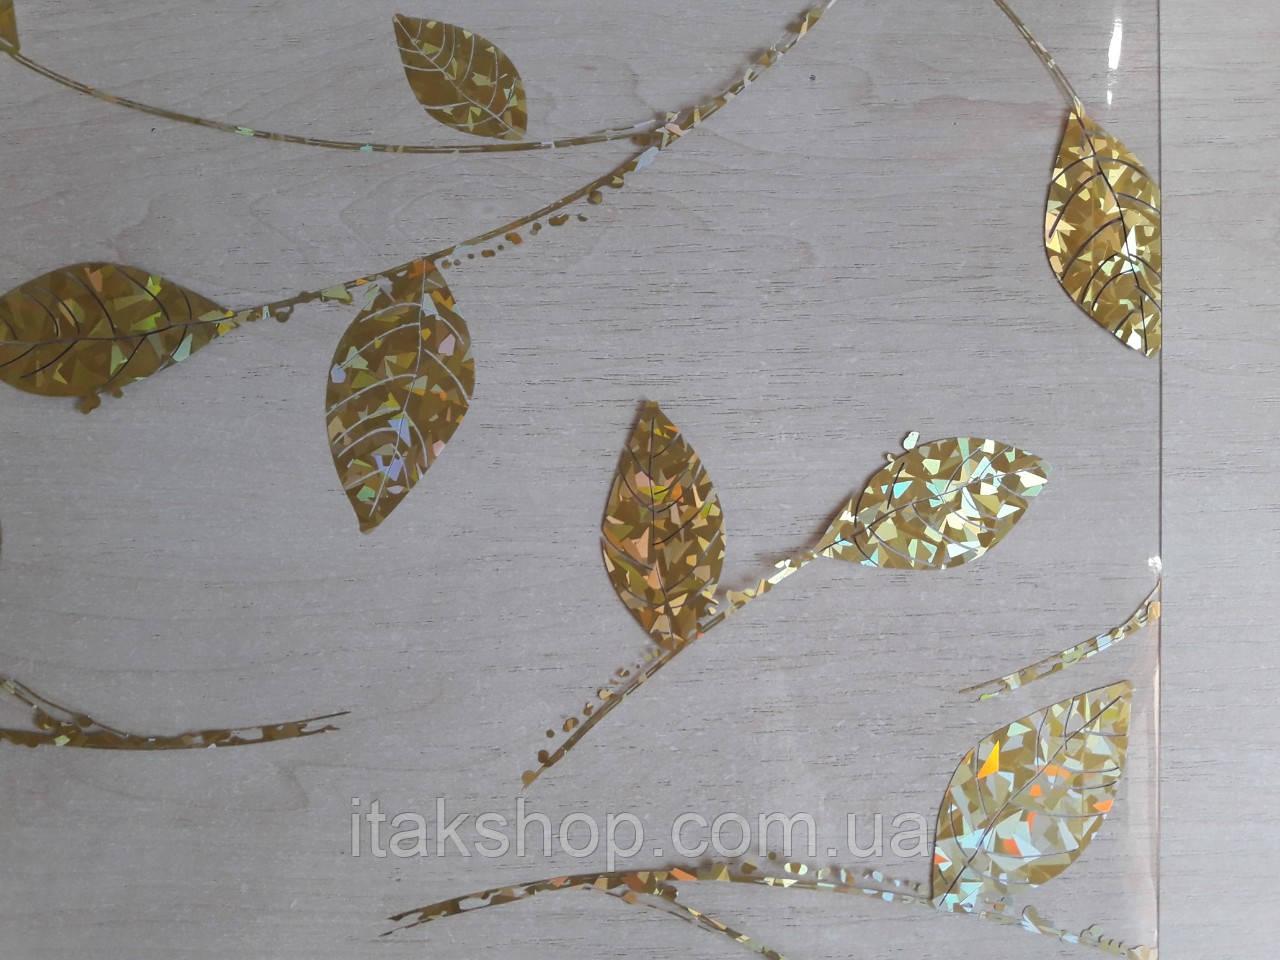 М'яке скло Скатертину з лазерним малюнком для меблів Soft Glass 1.4х0.8м товщина 1.5 мм Золоті листя